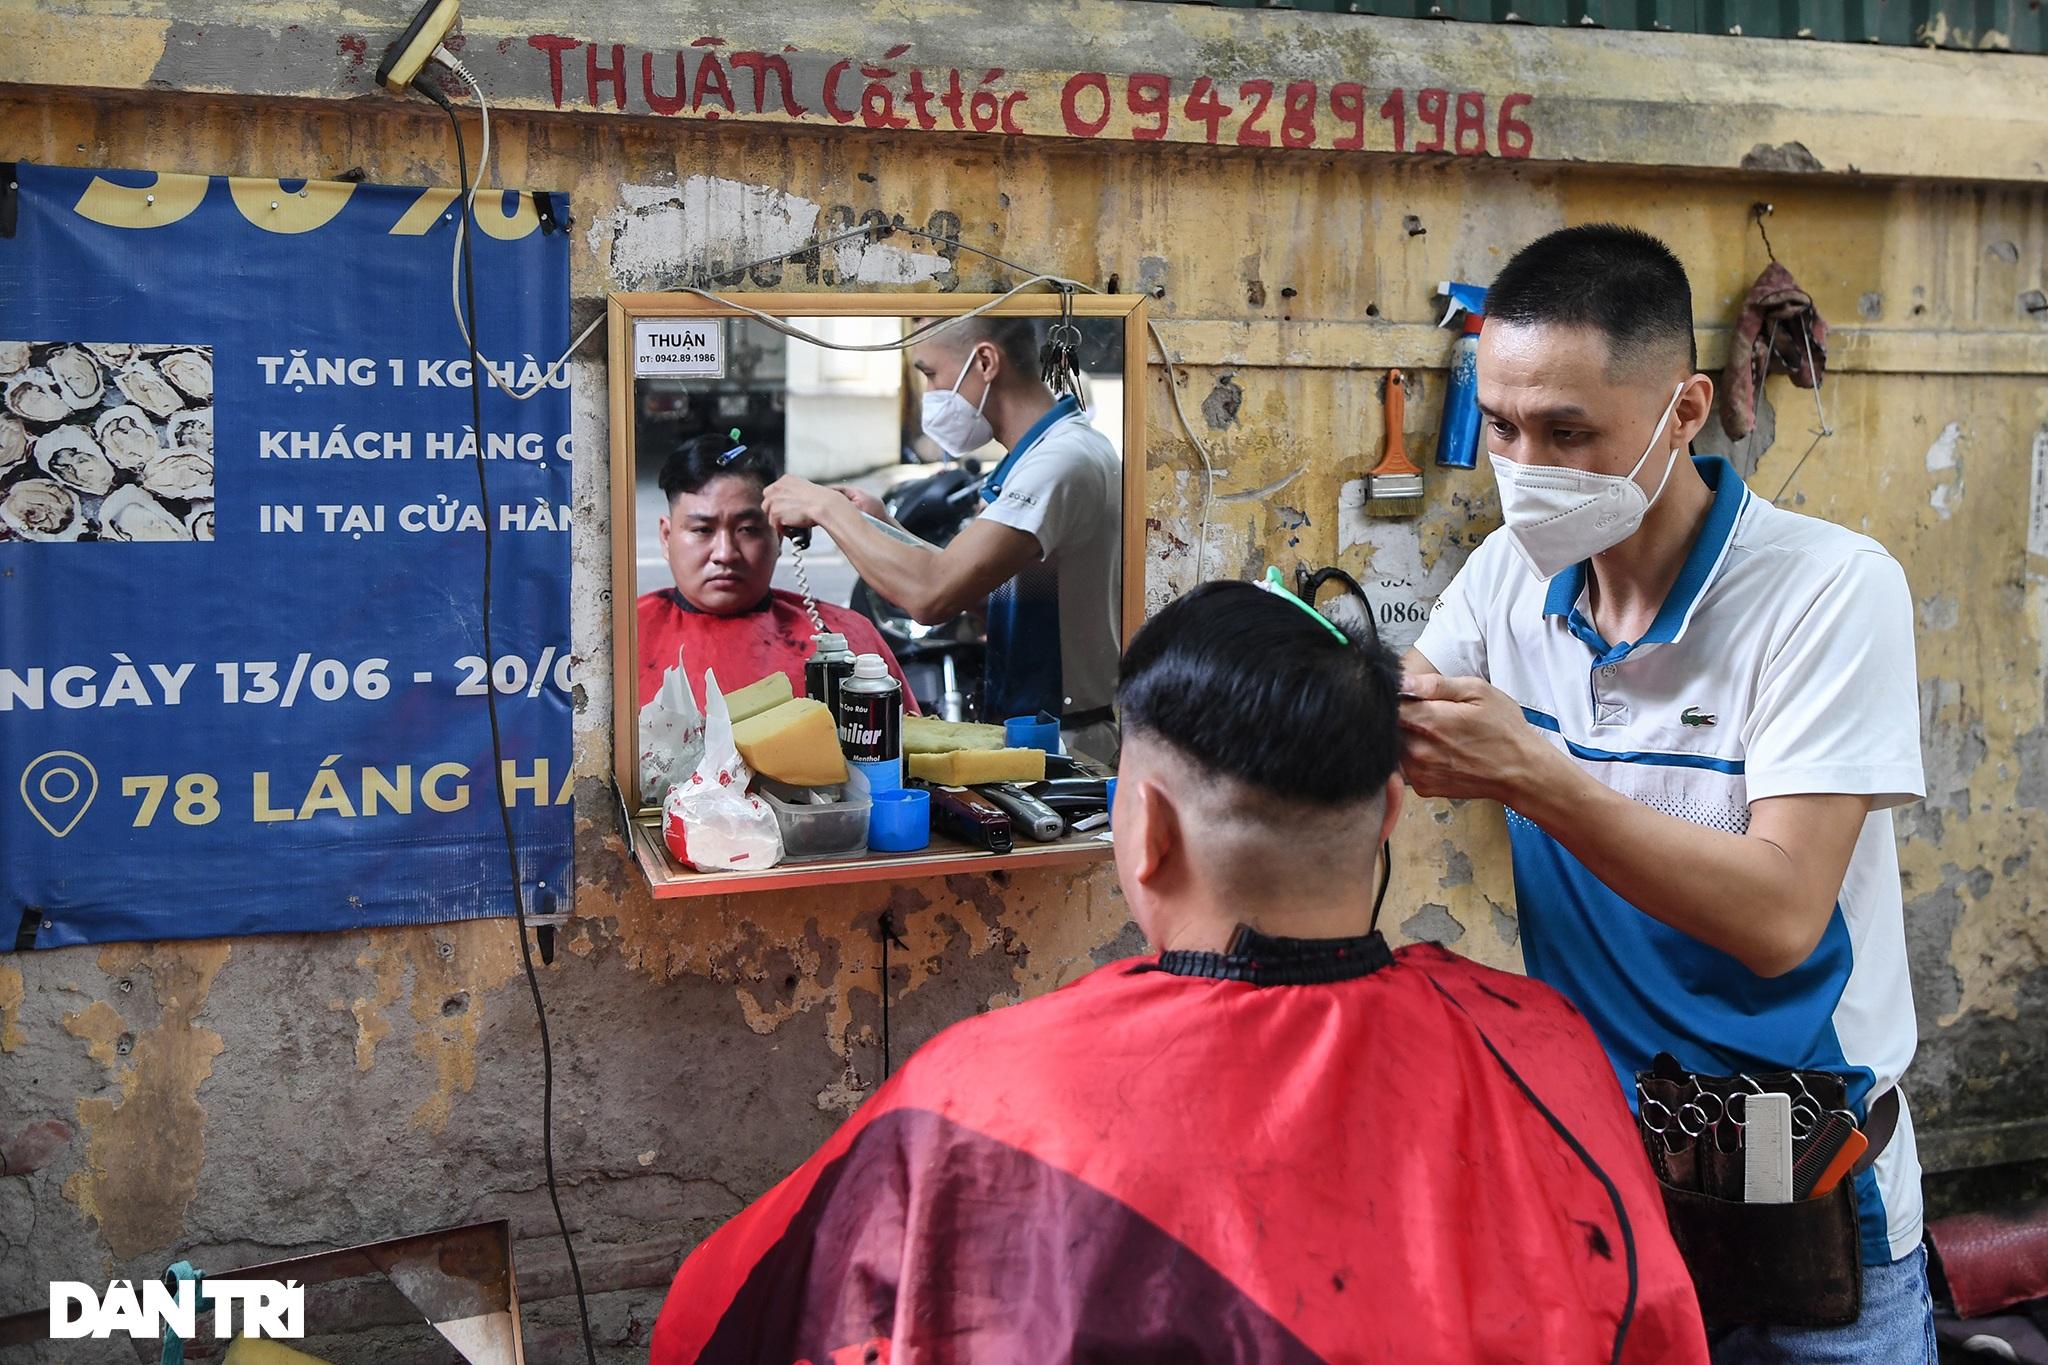 Người dân ở Hà Nội đổ xô đi cắt tóc sau 2 tháng giãn cách xã hội - 12